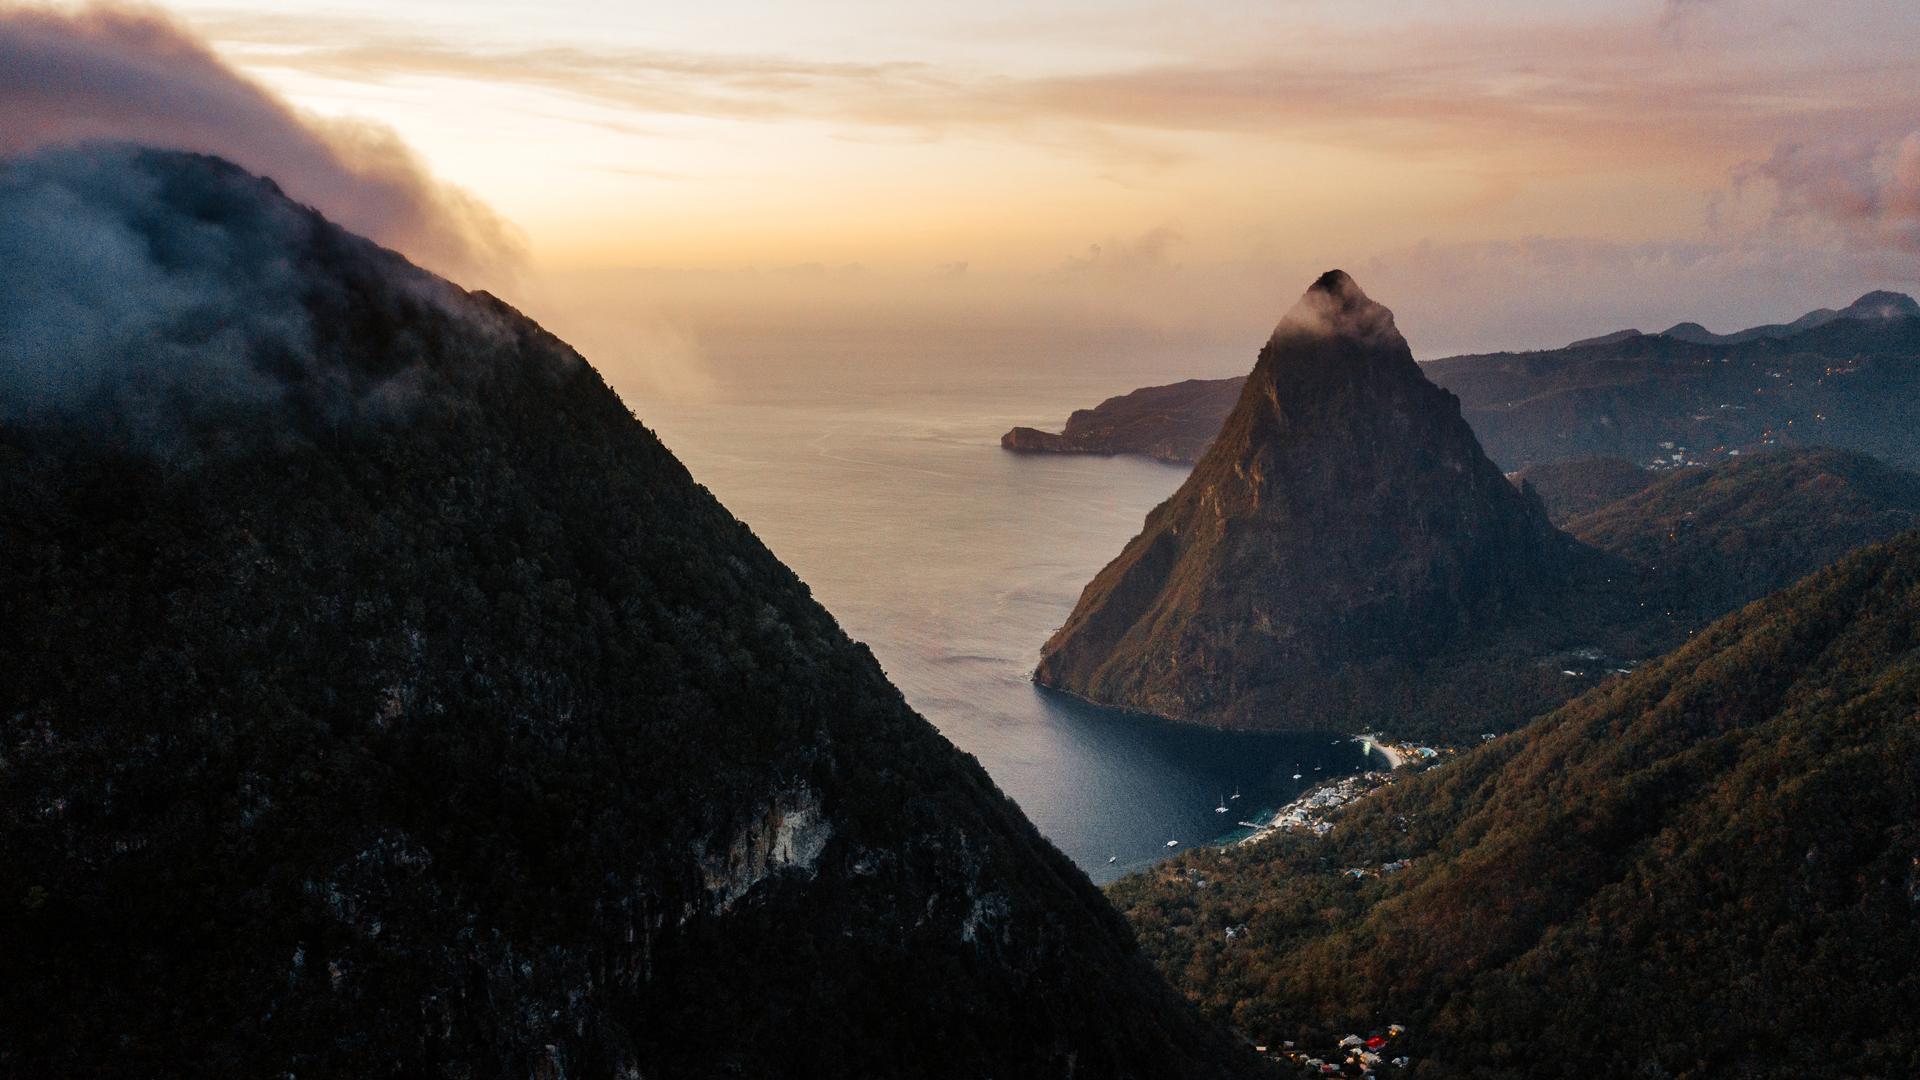 Gros Piton and Petit Piton, Saint Lucia